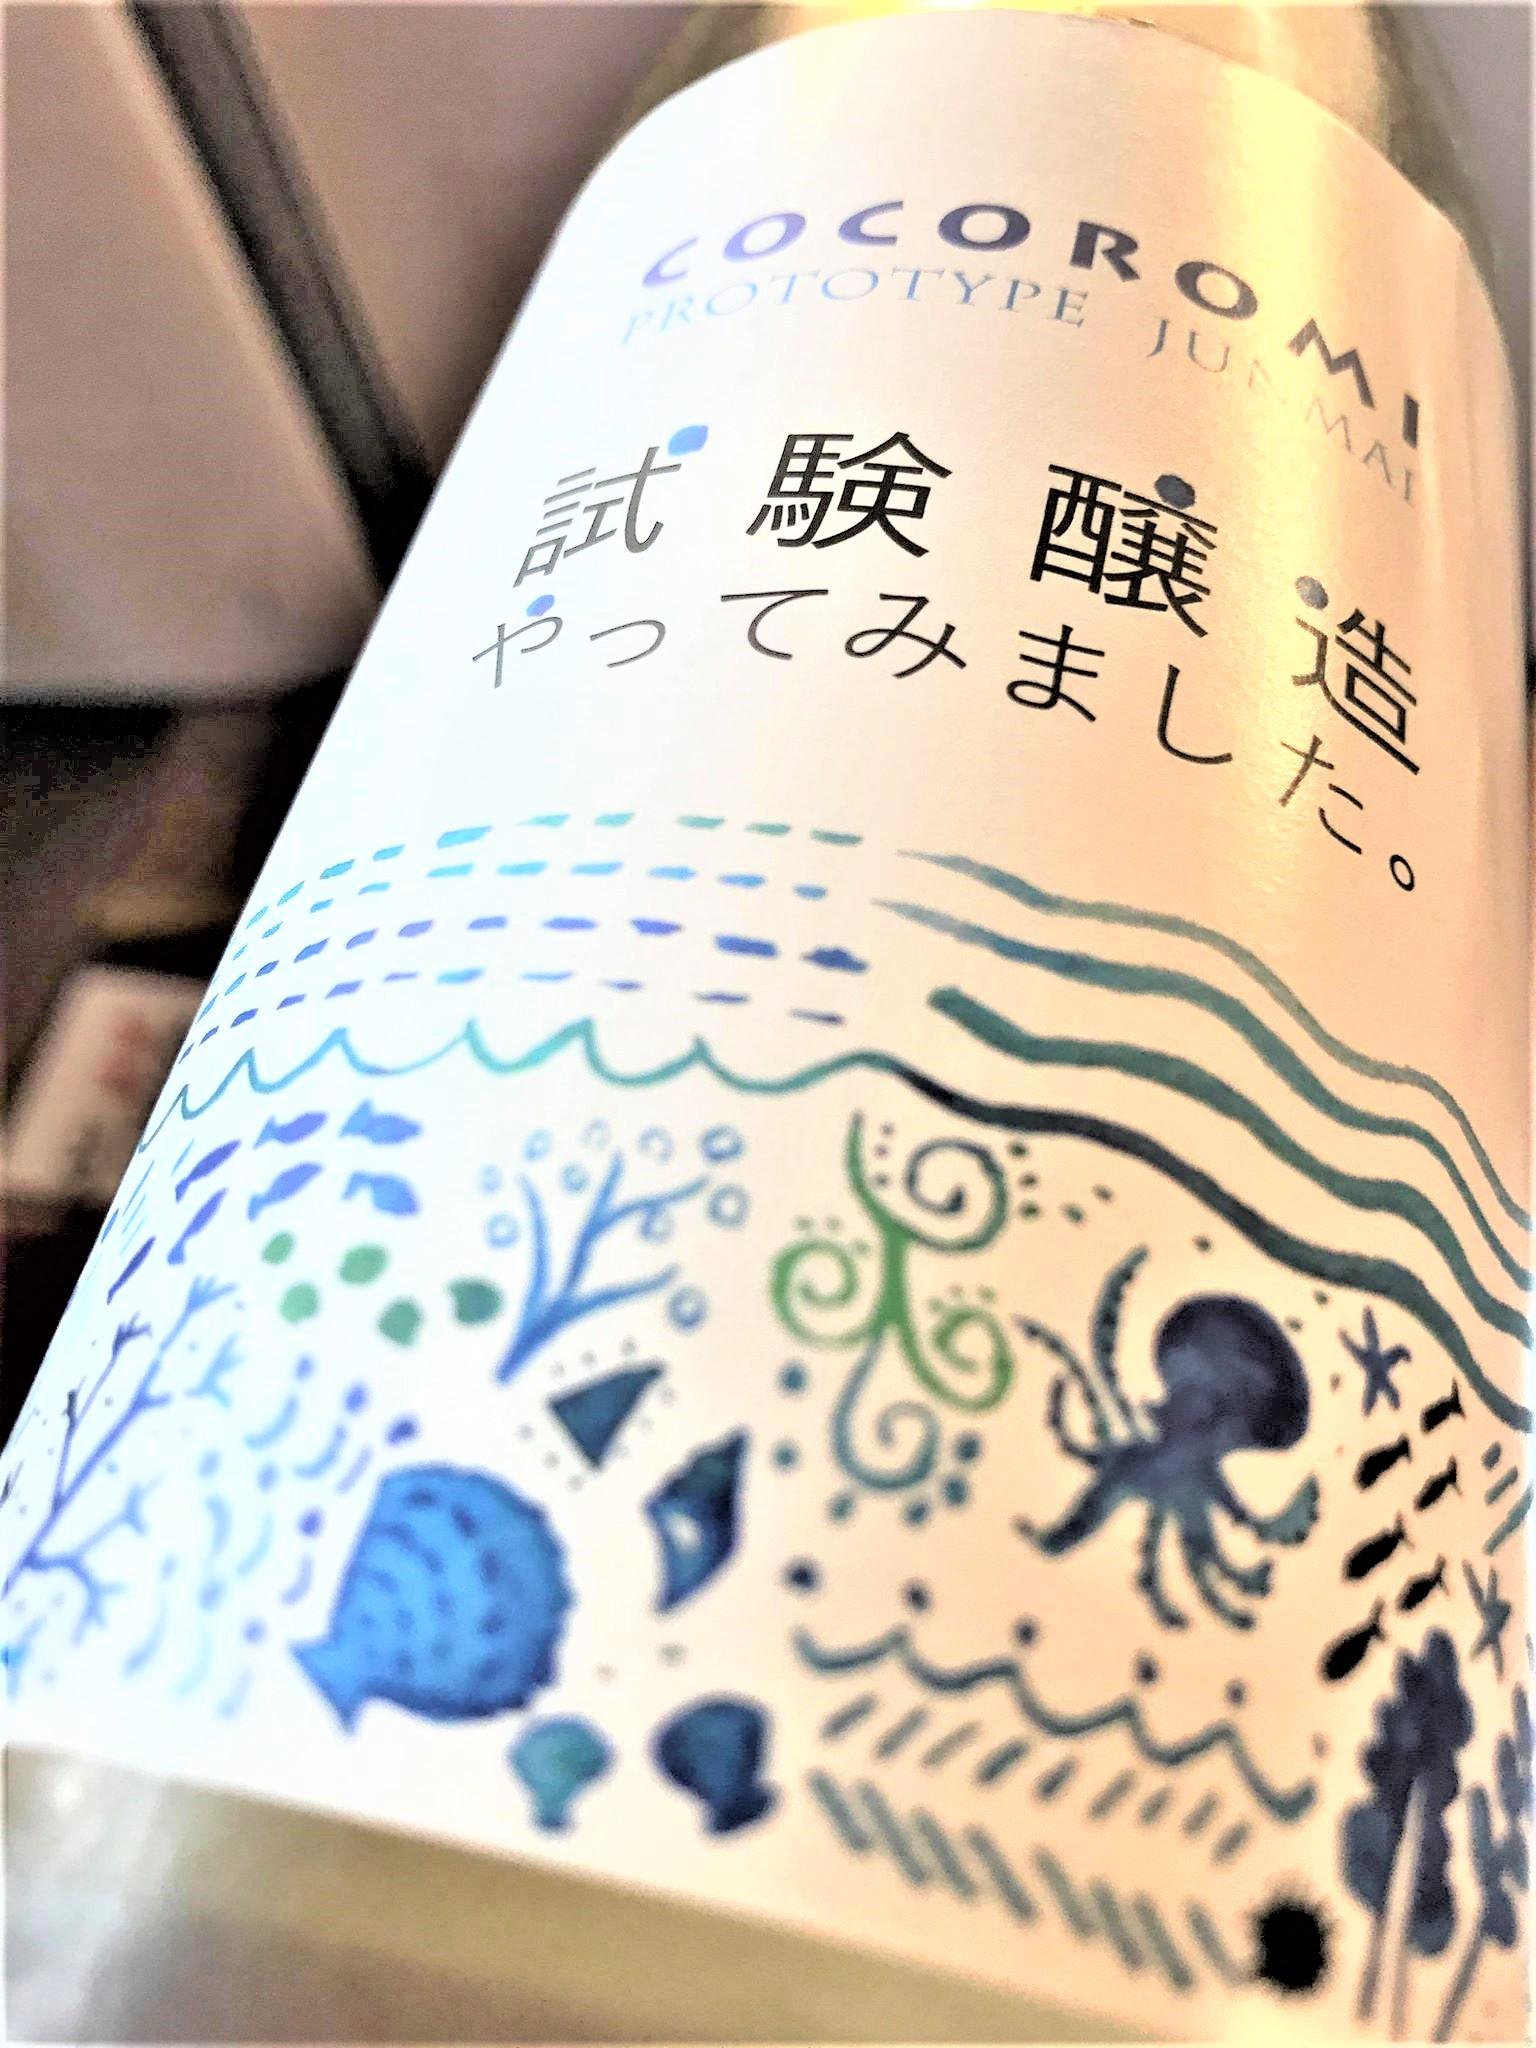 【日本酒】福司⭐番外編『COCOROMI』特別純米酒 きたしずく仕込み 厳選特約店限定SPver 令和1BY🆕_e0173738_913295.jpg